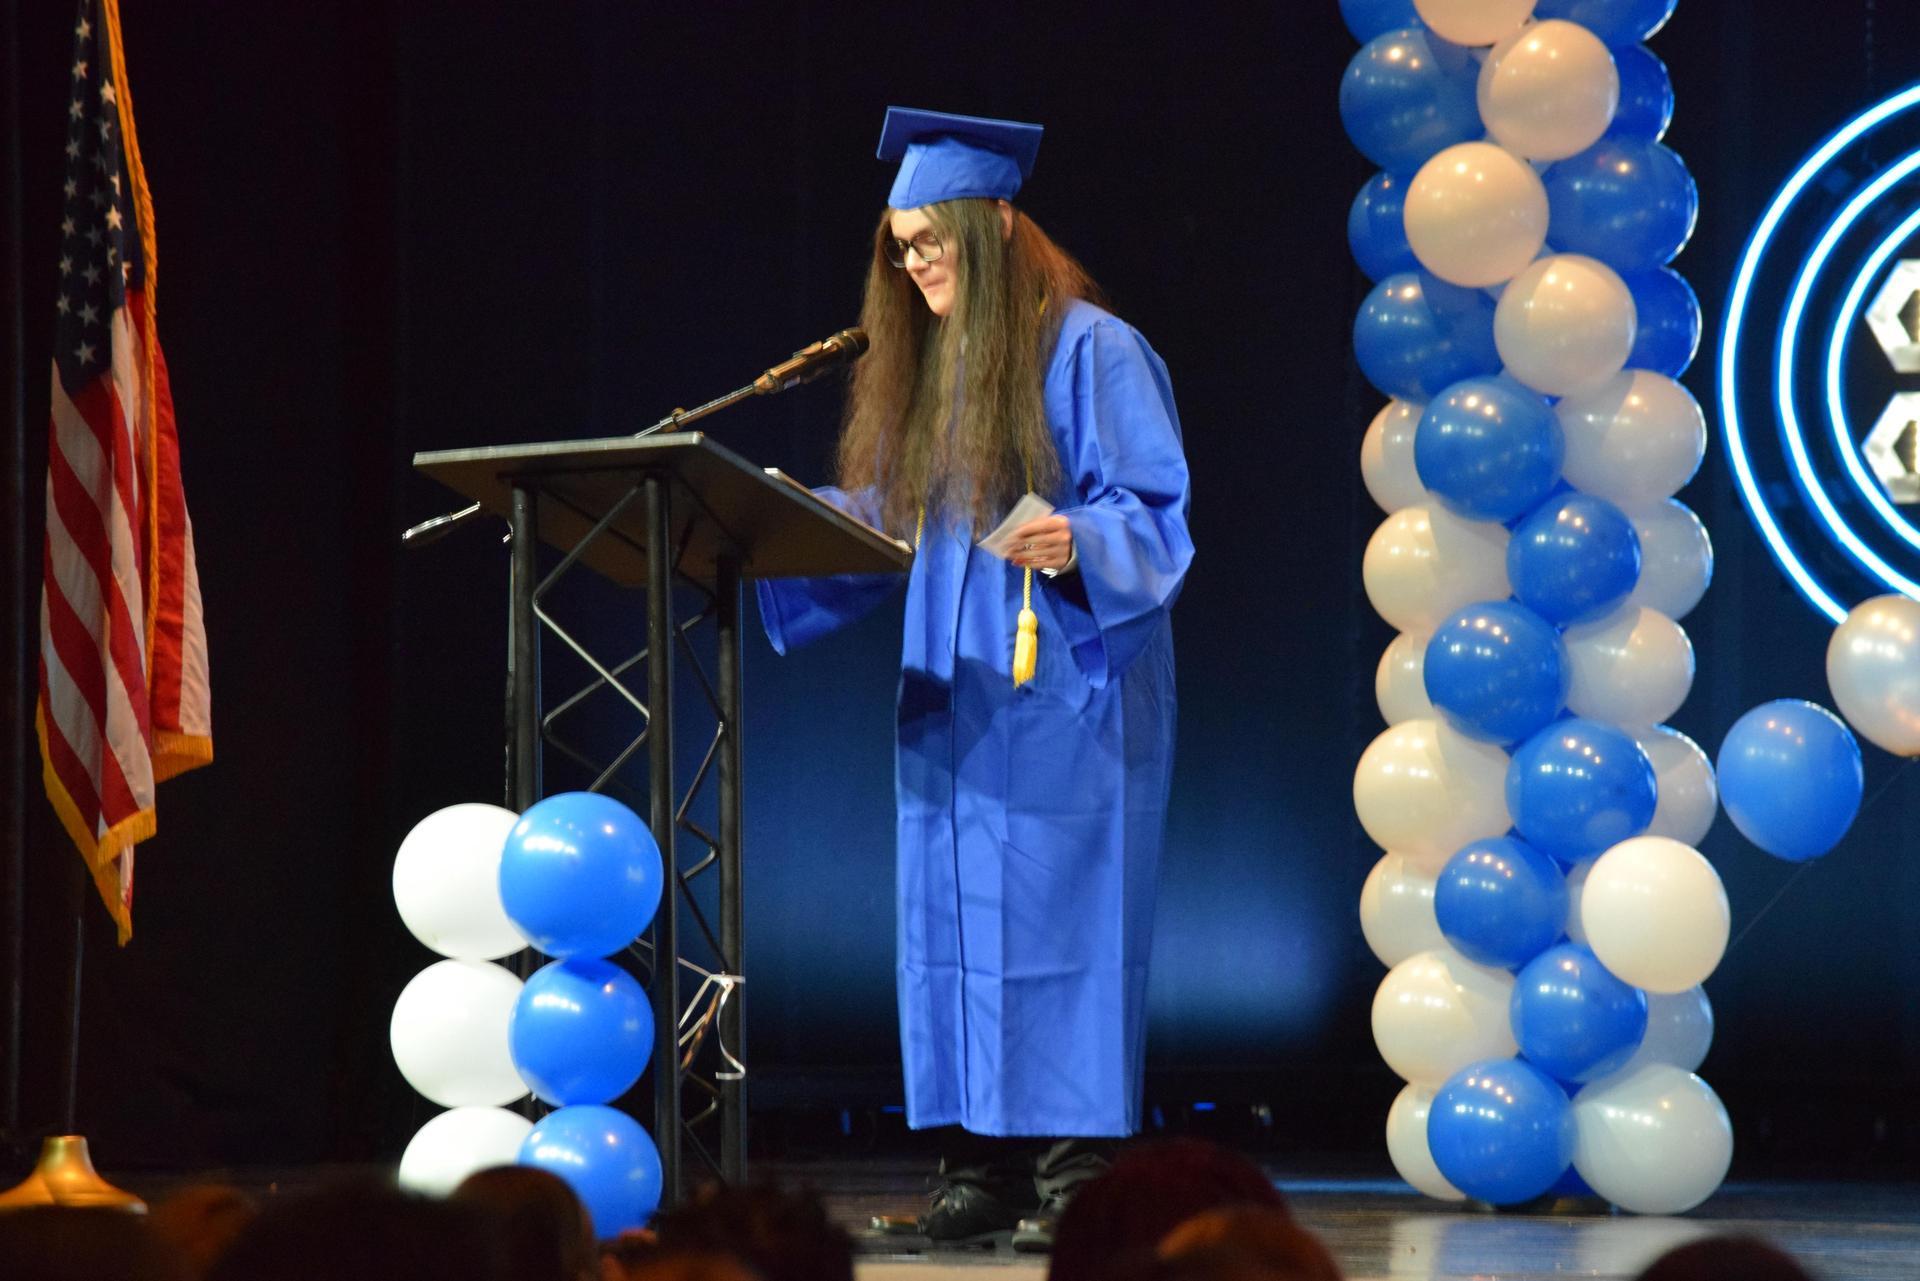 Student giving a speech